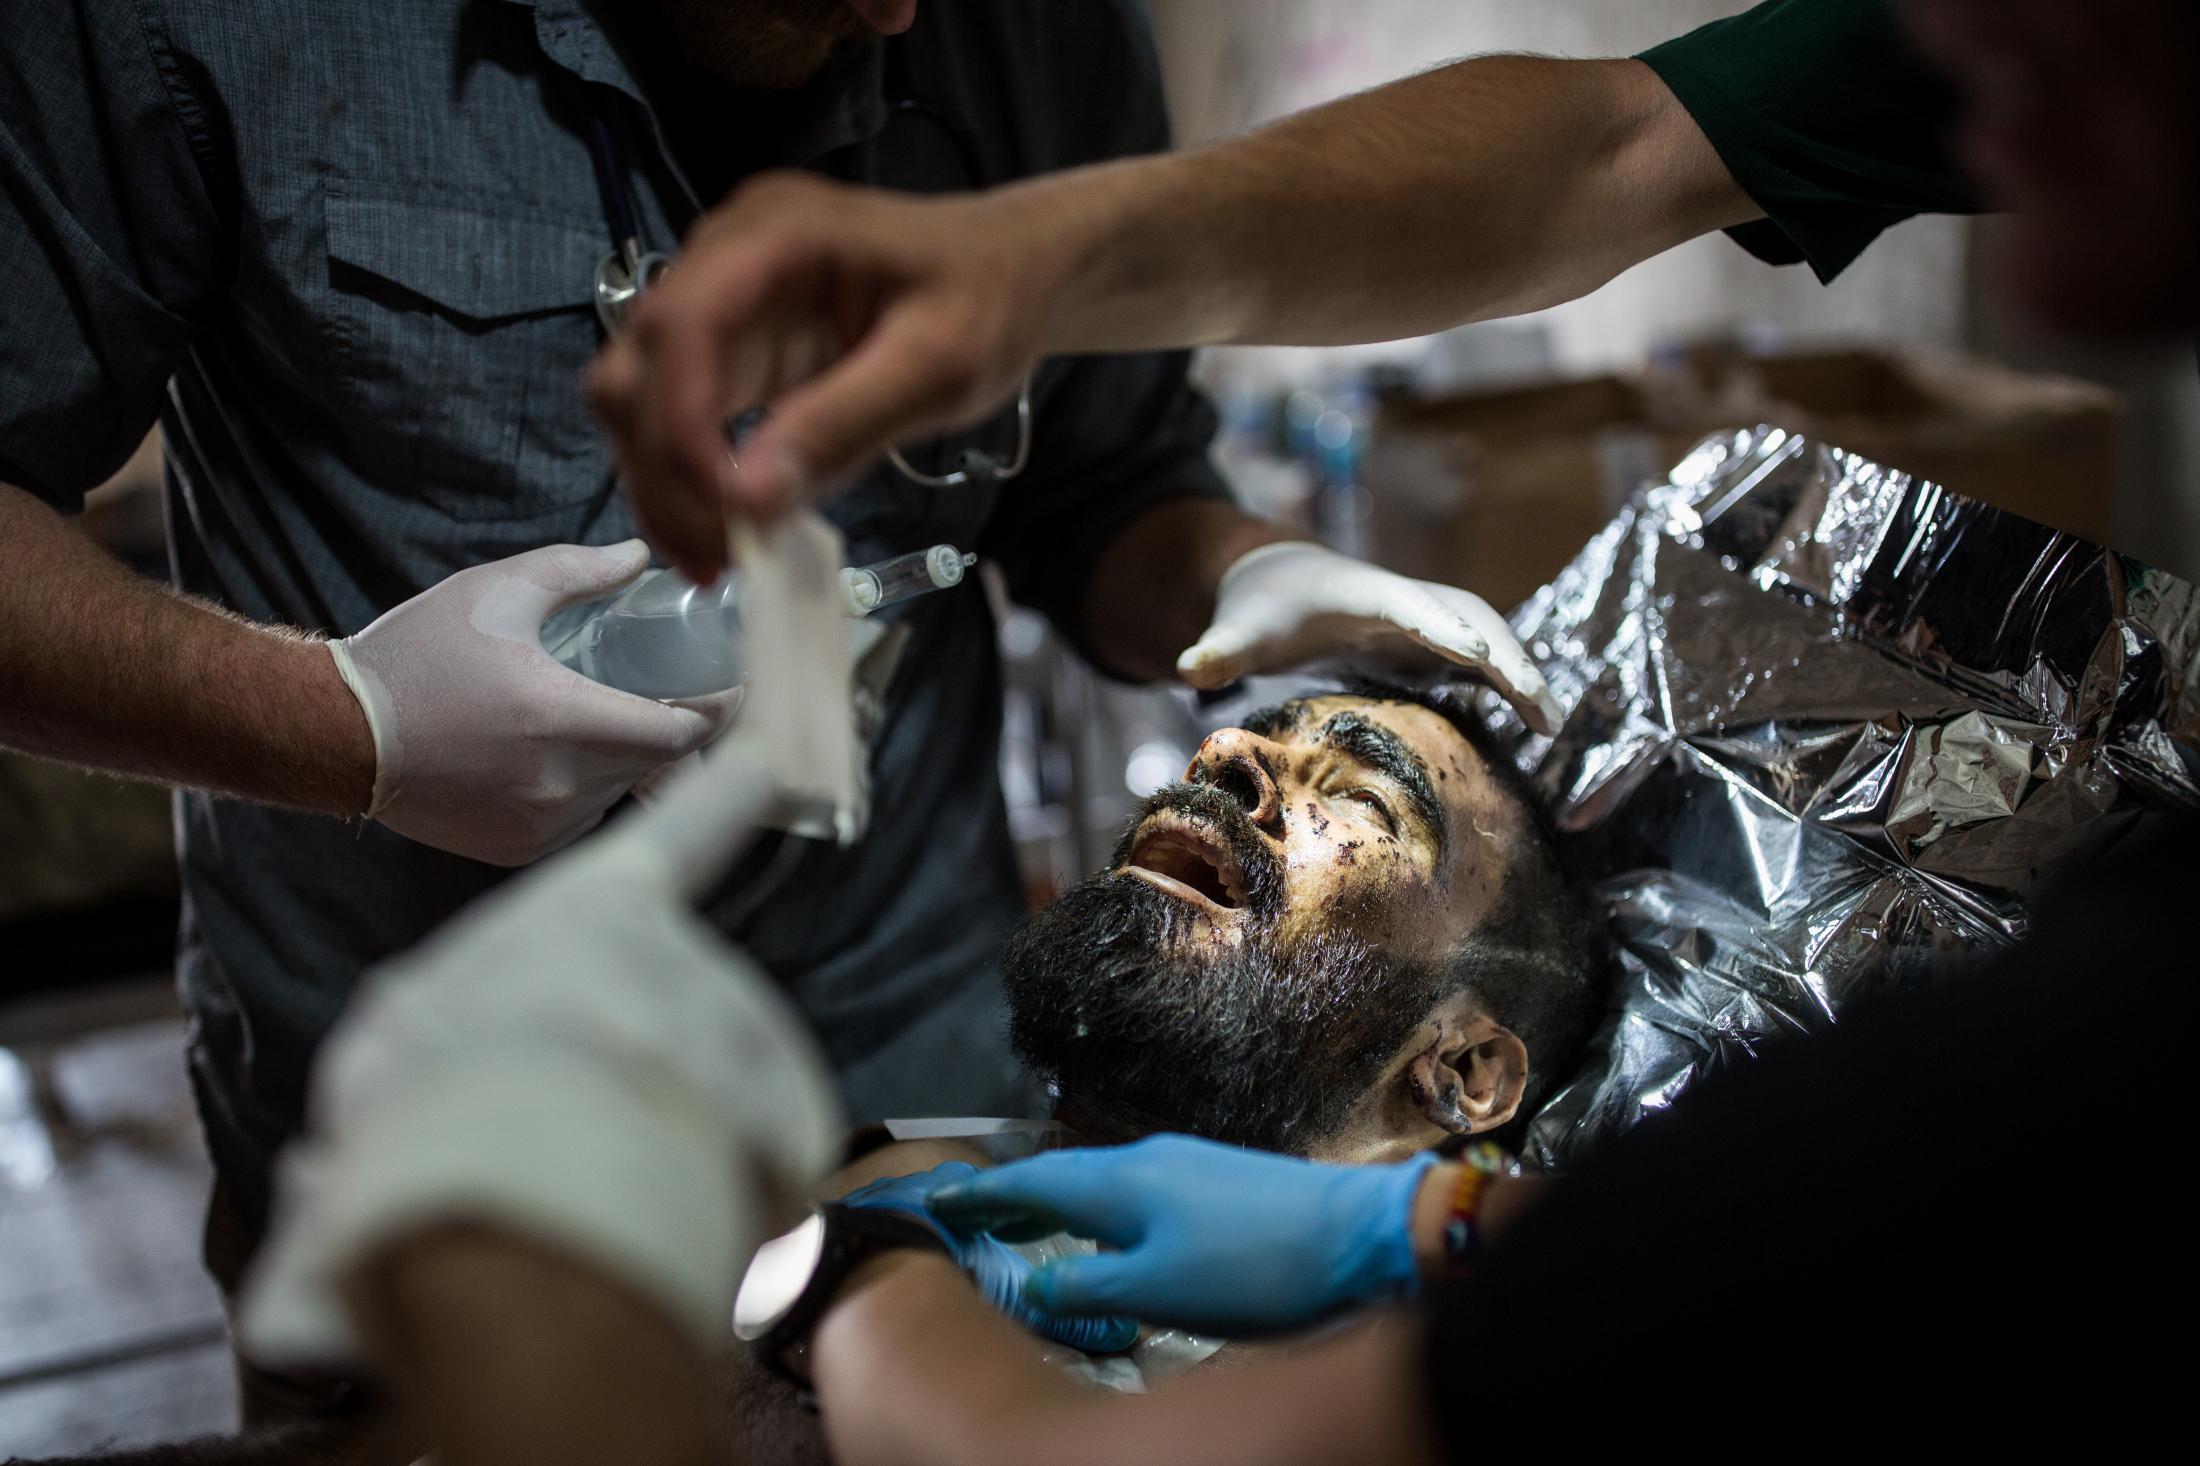 Le 2 juillet 2017, point médic de l'armée irakienne, un homme blessé par des éclats au visage est pris en charge par des medics volontaires américains.